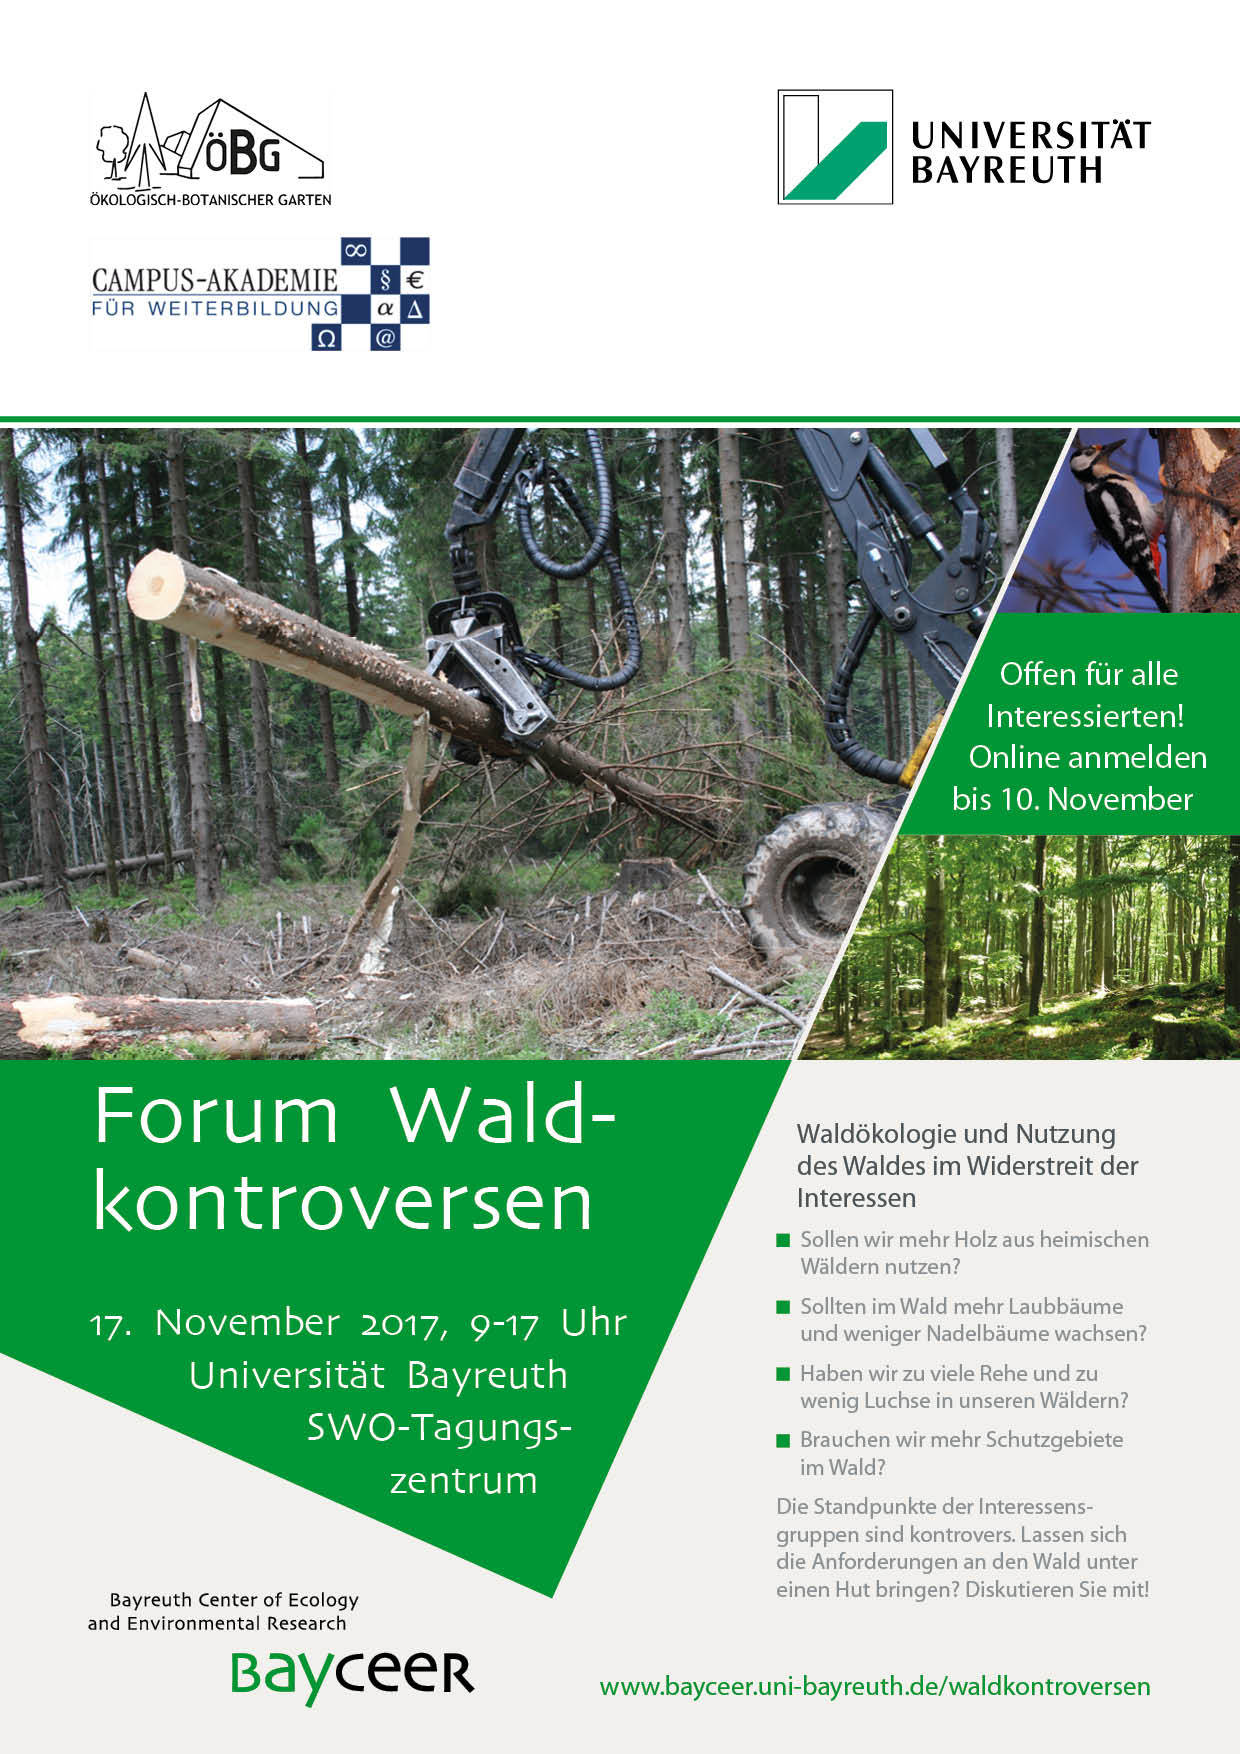 Waldkontroversen-Aushang